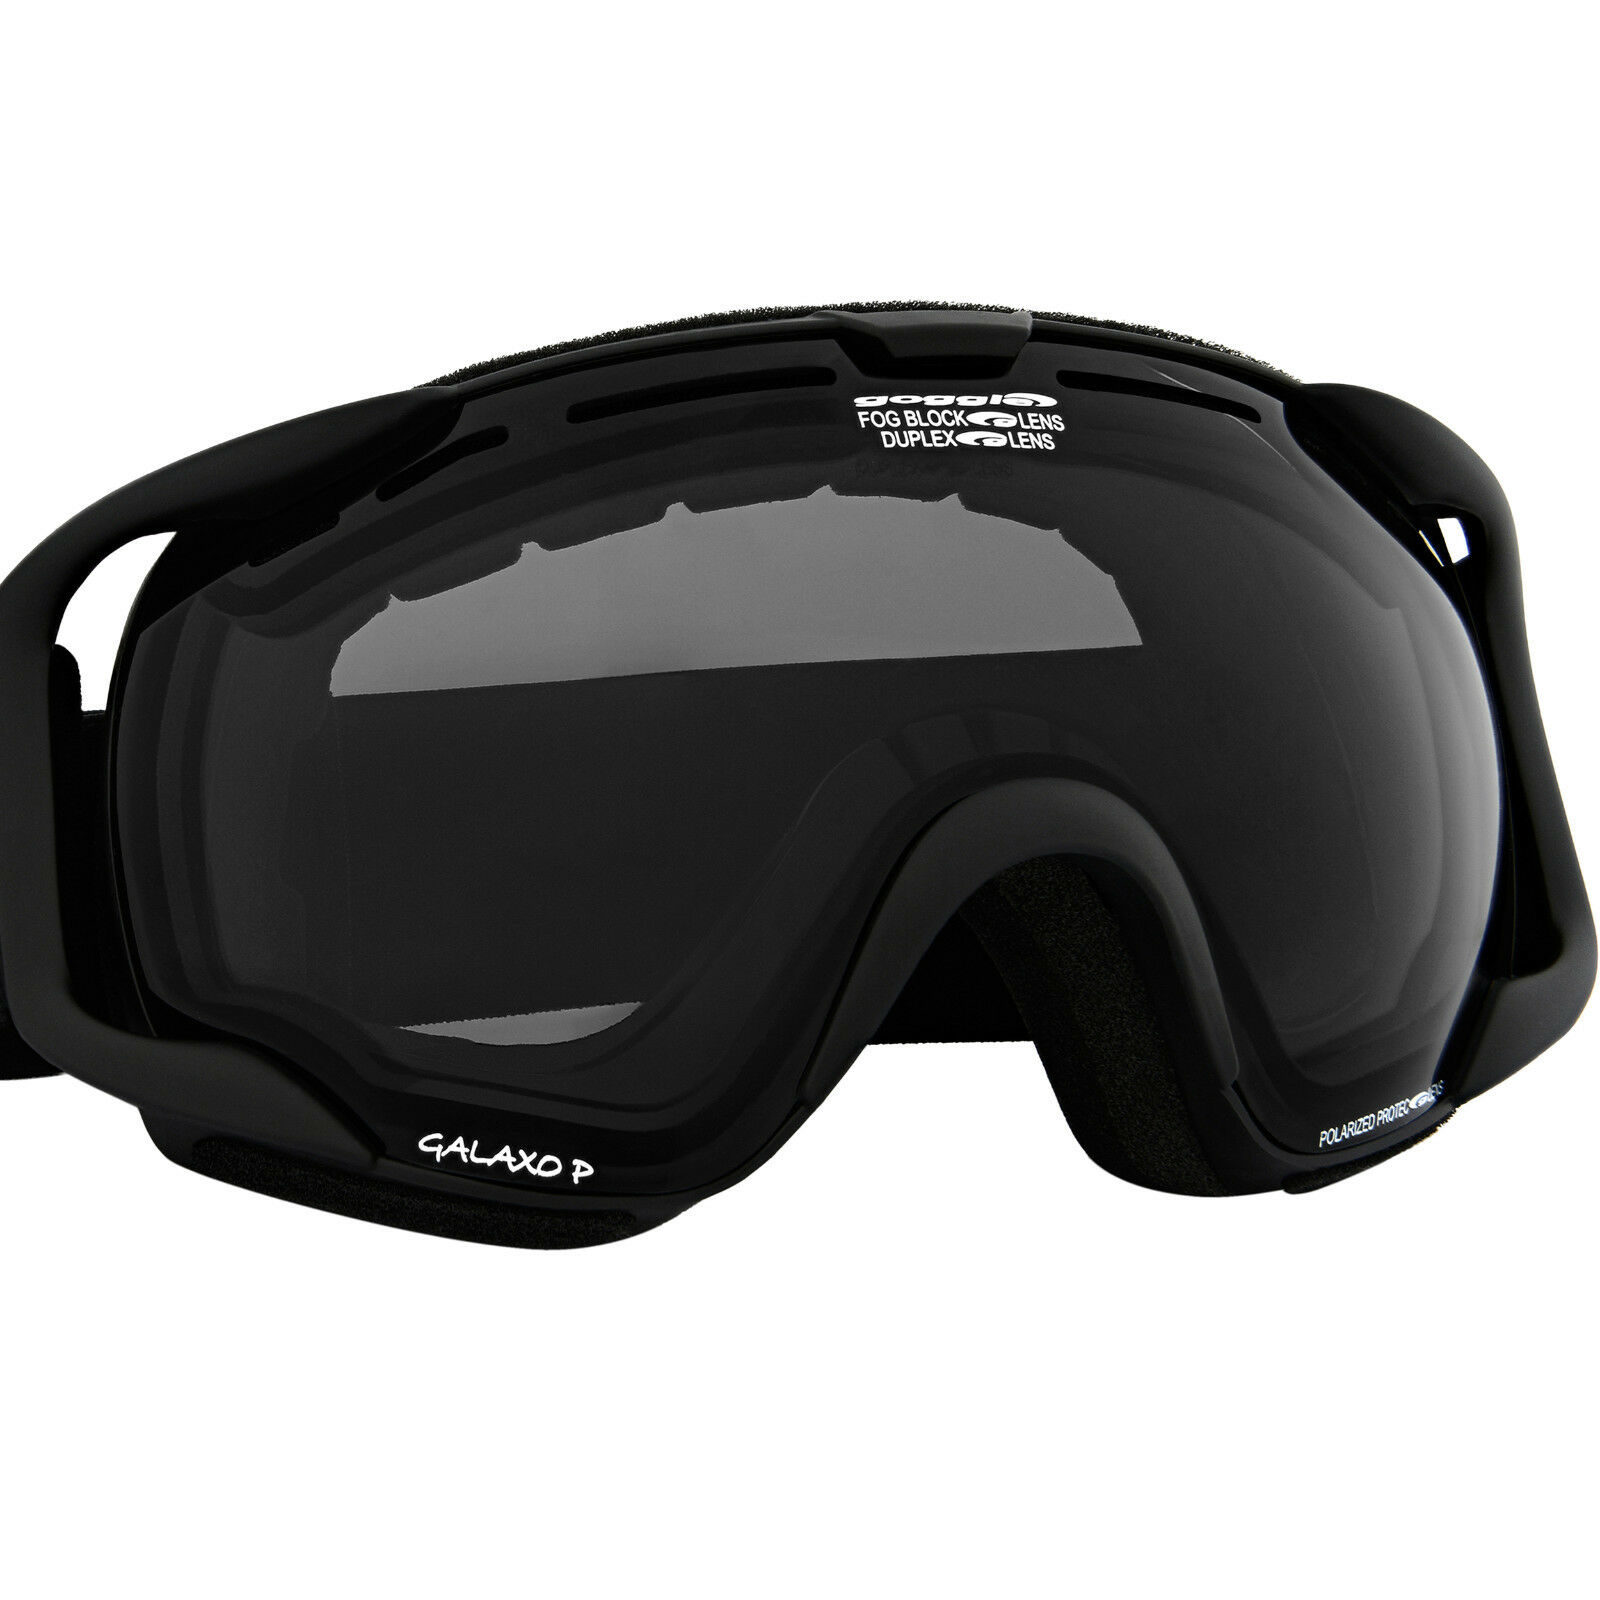 Goggle Skibrille polarisierend Snowboardbrille Schneebrille polarisiert schwarz